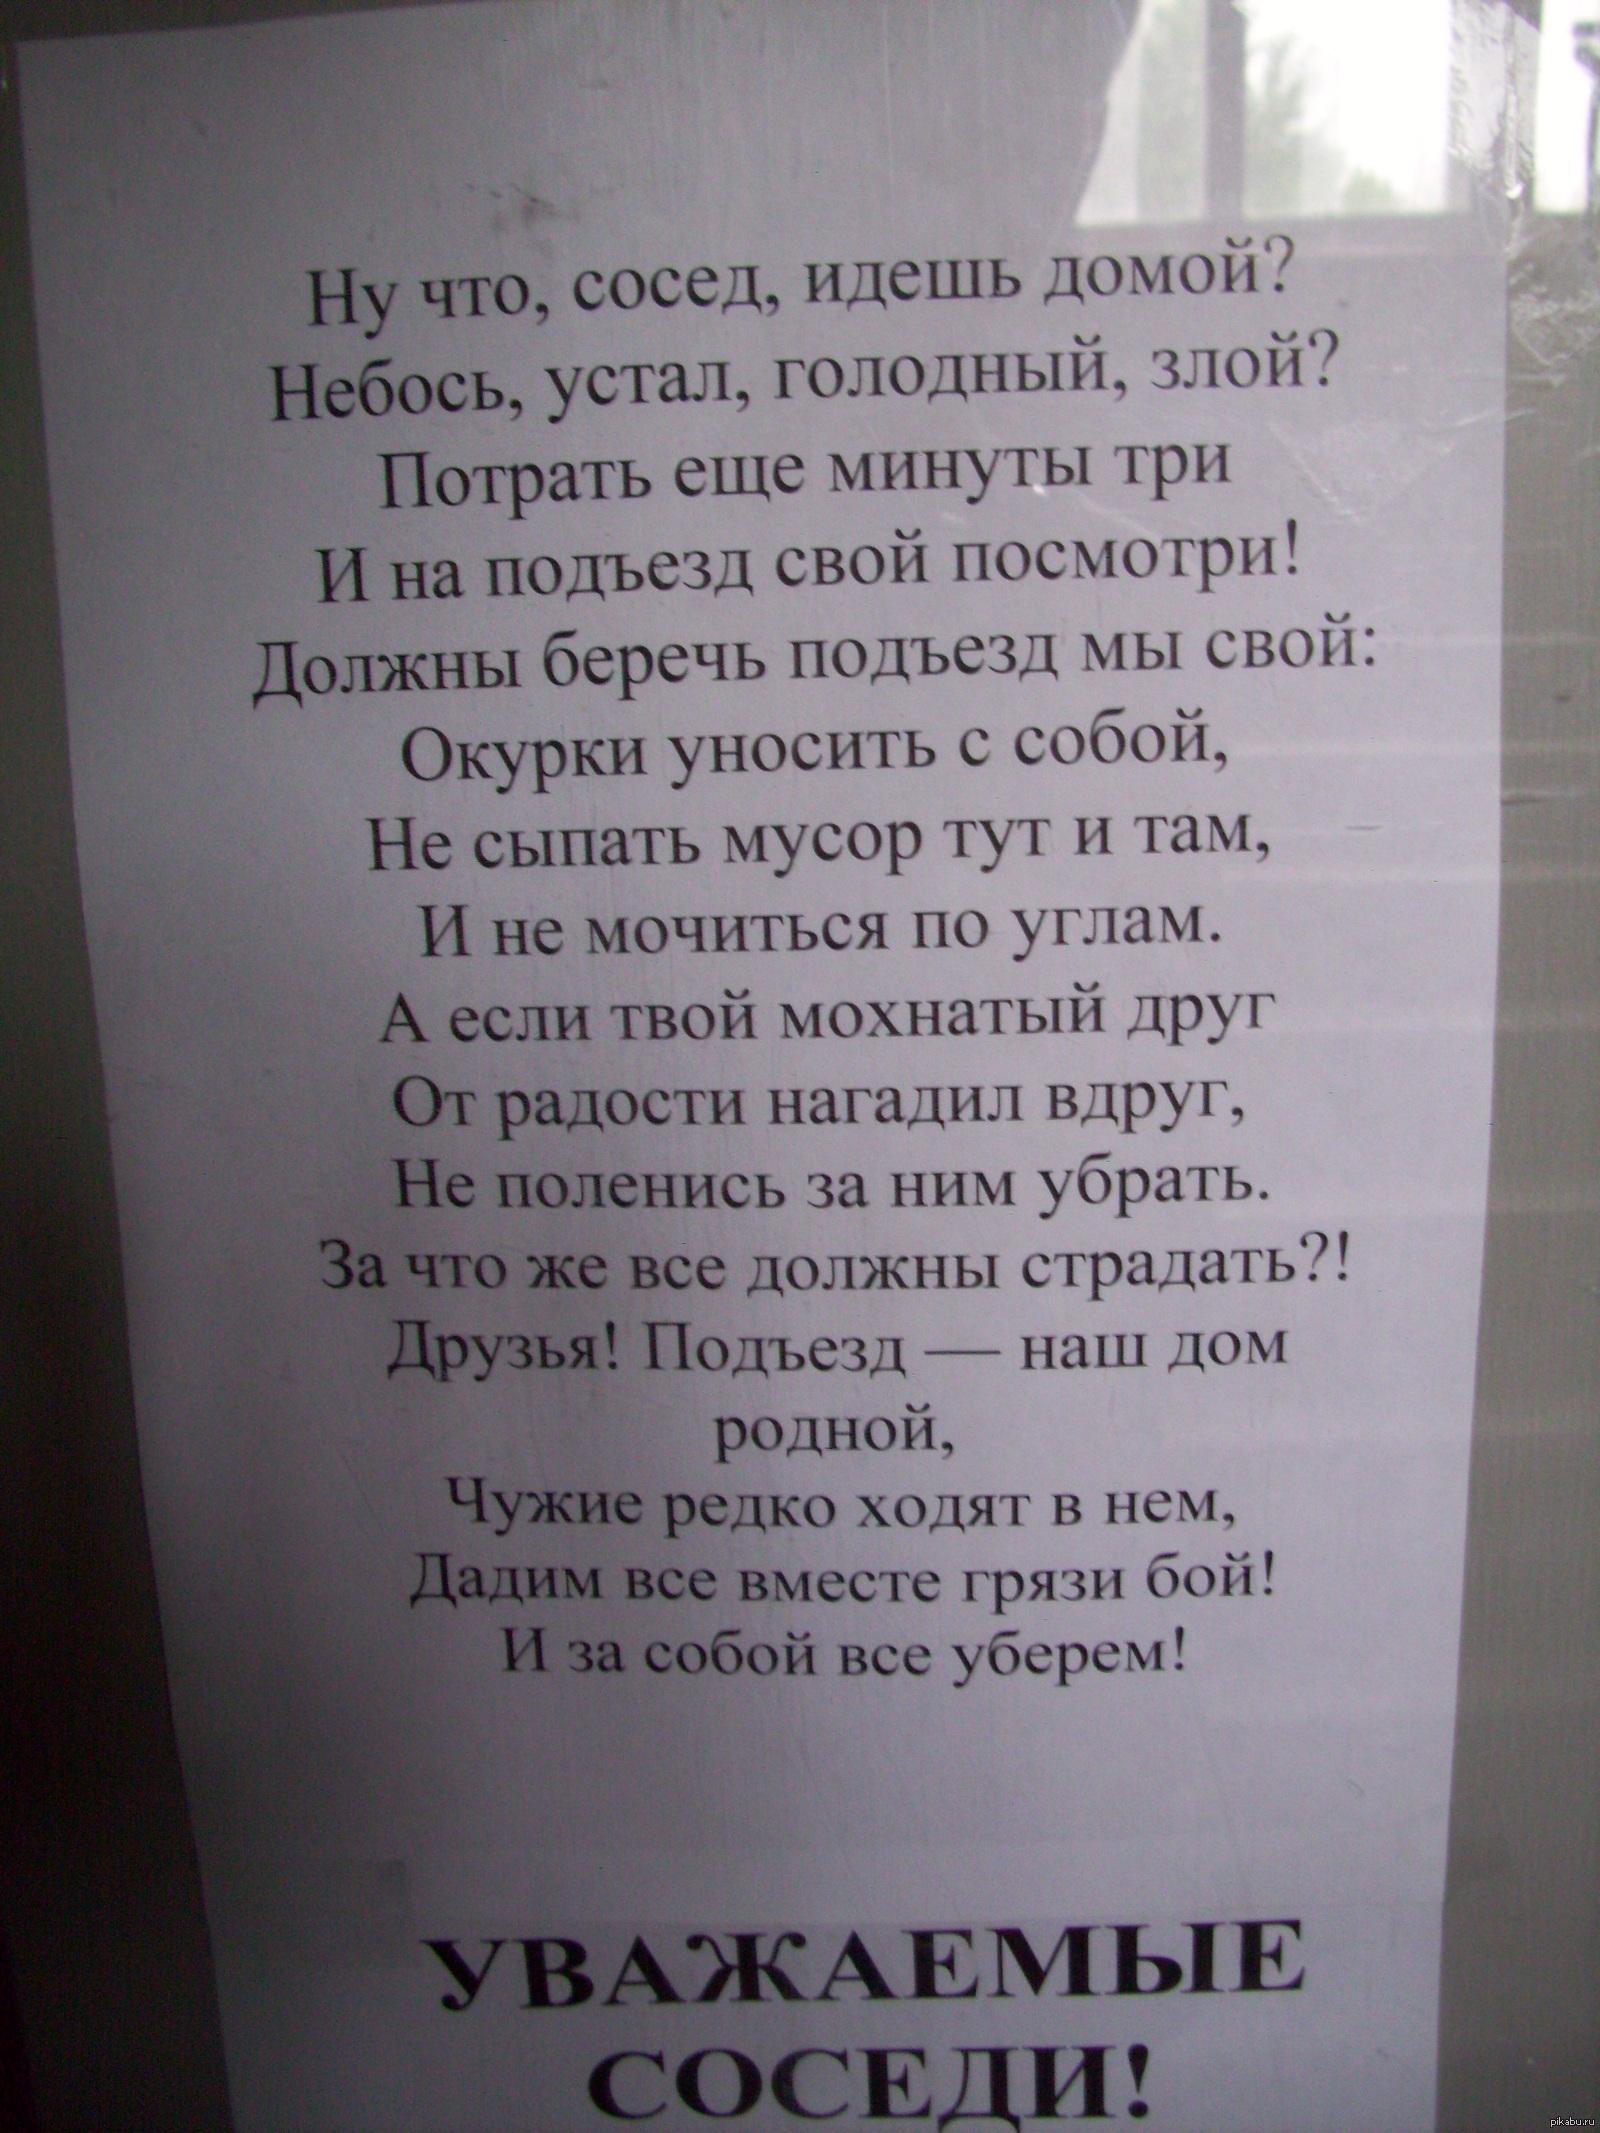 Стихи про соседей короткие